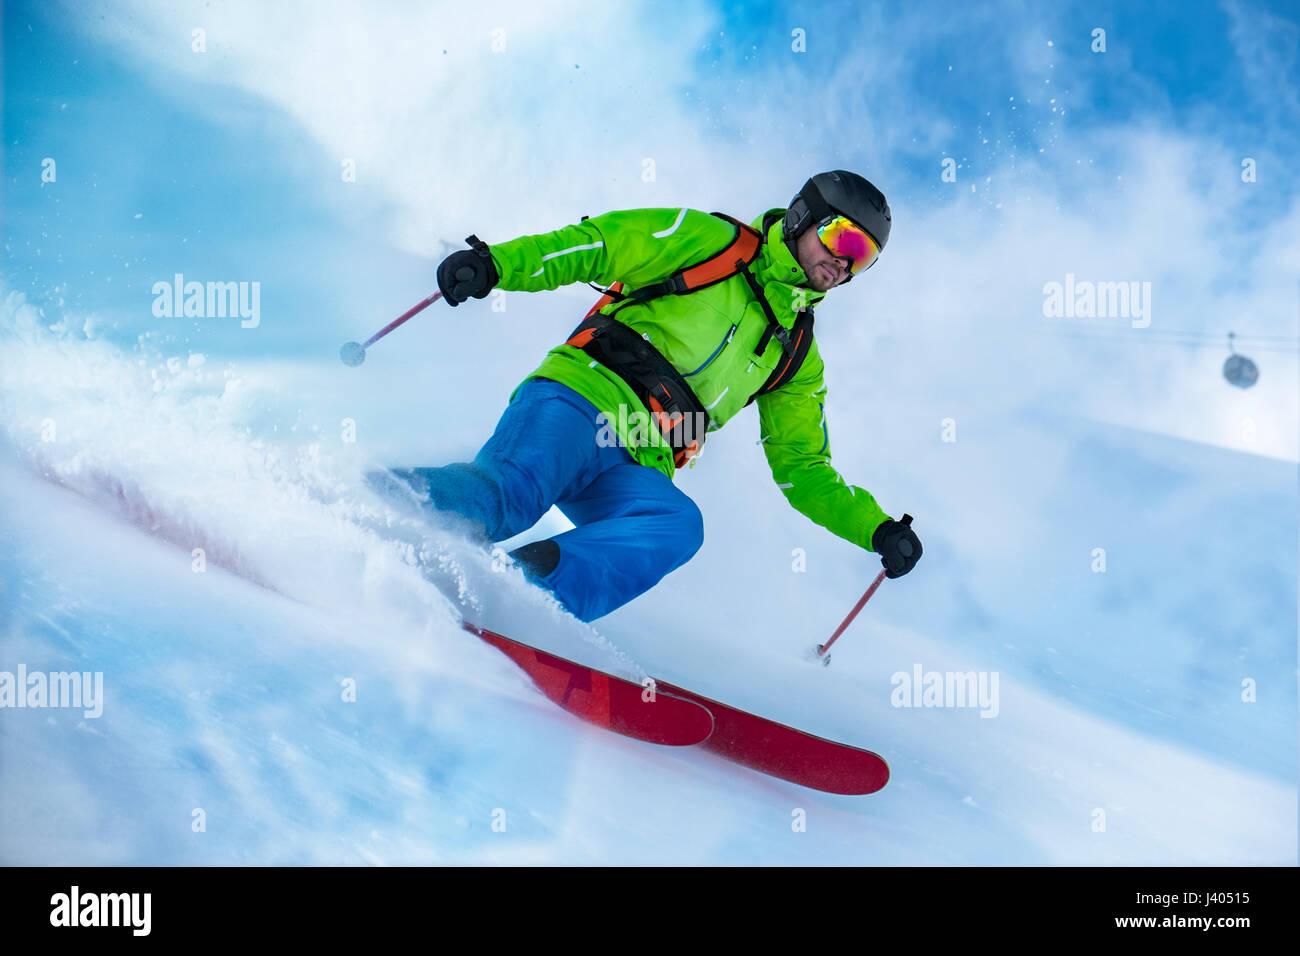 Disparo de un llamativo colorido vestidos esquiador freeride esquí la nieve onda. Imagen De Stock